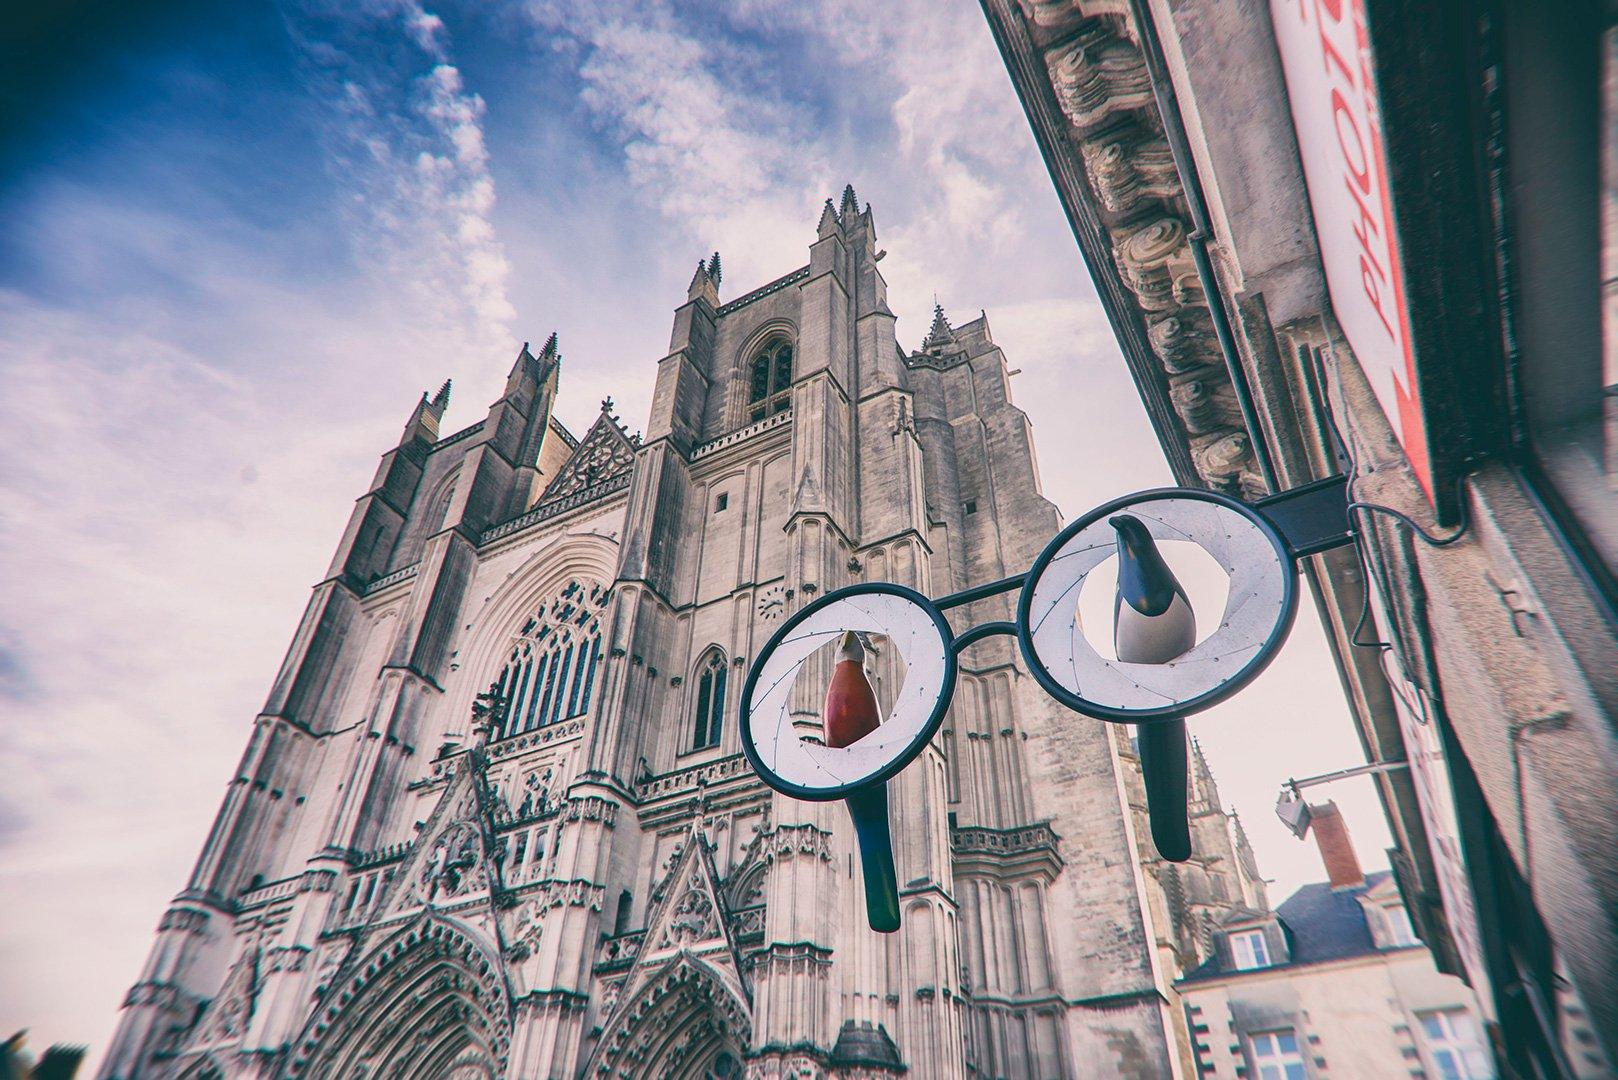 oeuvre devant la cathédrale de Nantes